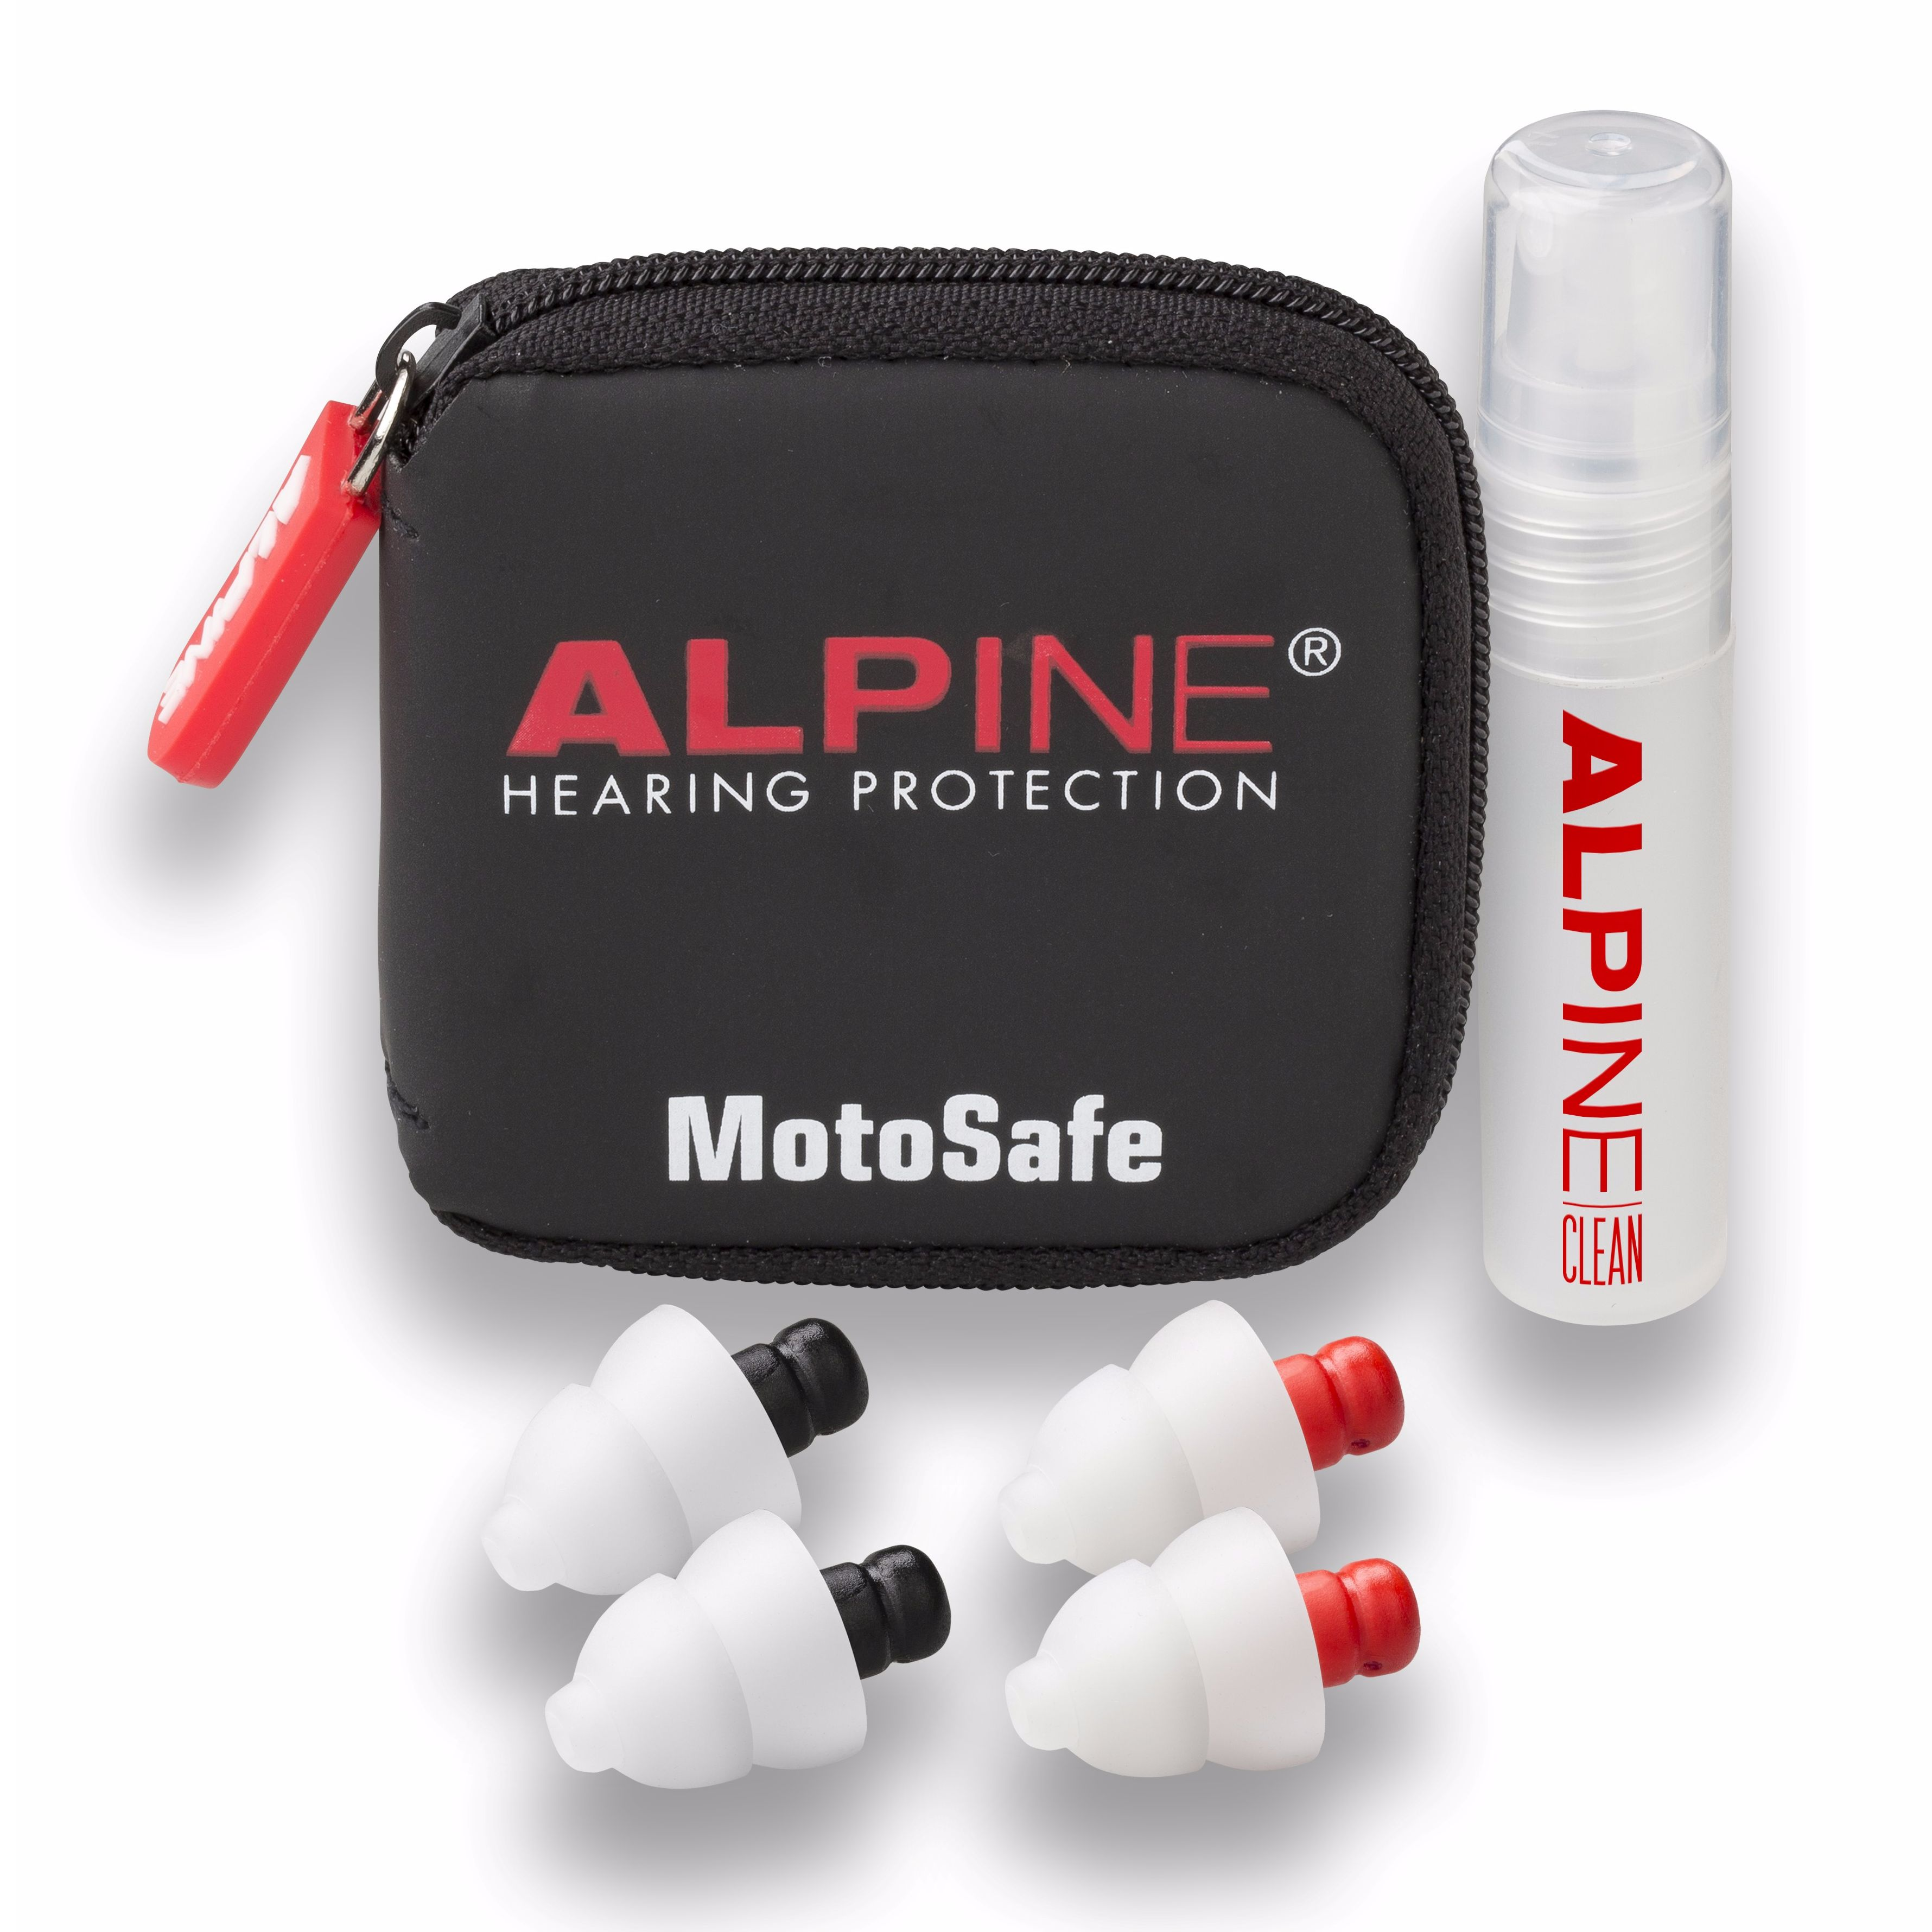 Rouler sur piste avec des bouchons d'oreille : pour ou contre? Votre avis? Alpine-motosafe-pro-closed-with-alpine-clean